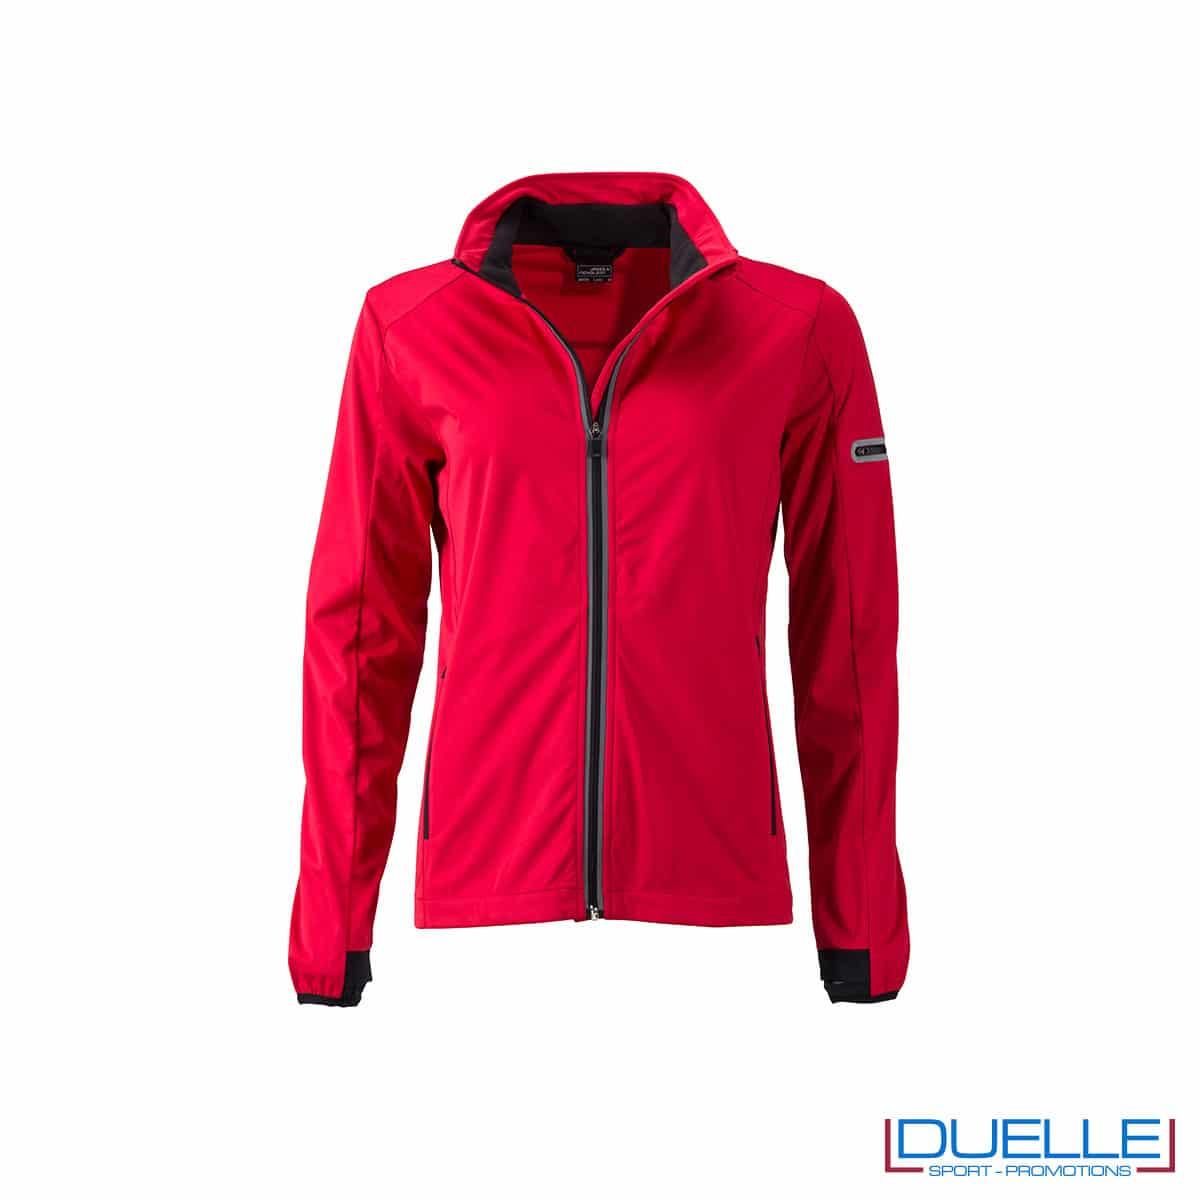 Giacca softshell donna traspirante colore rosso promozionale